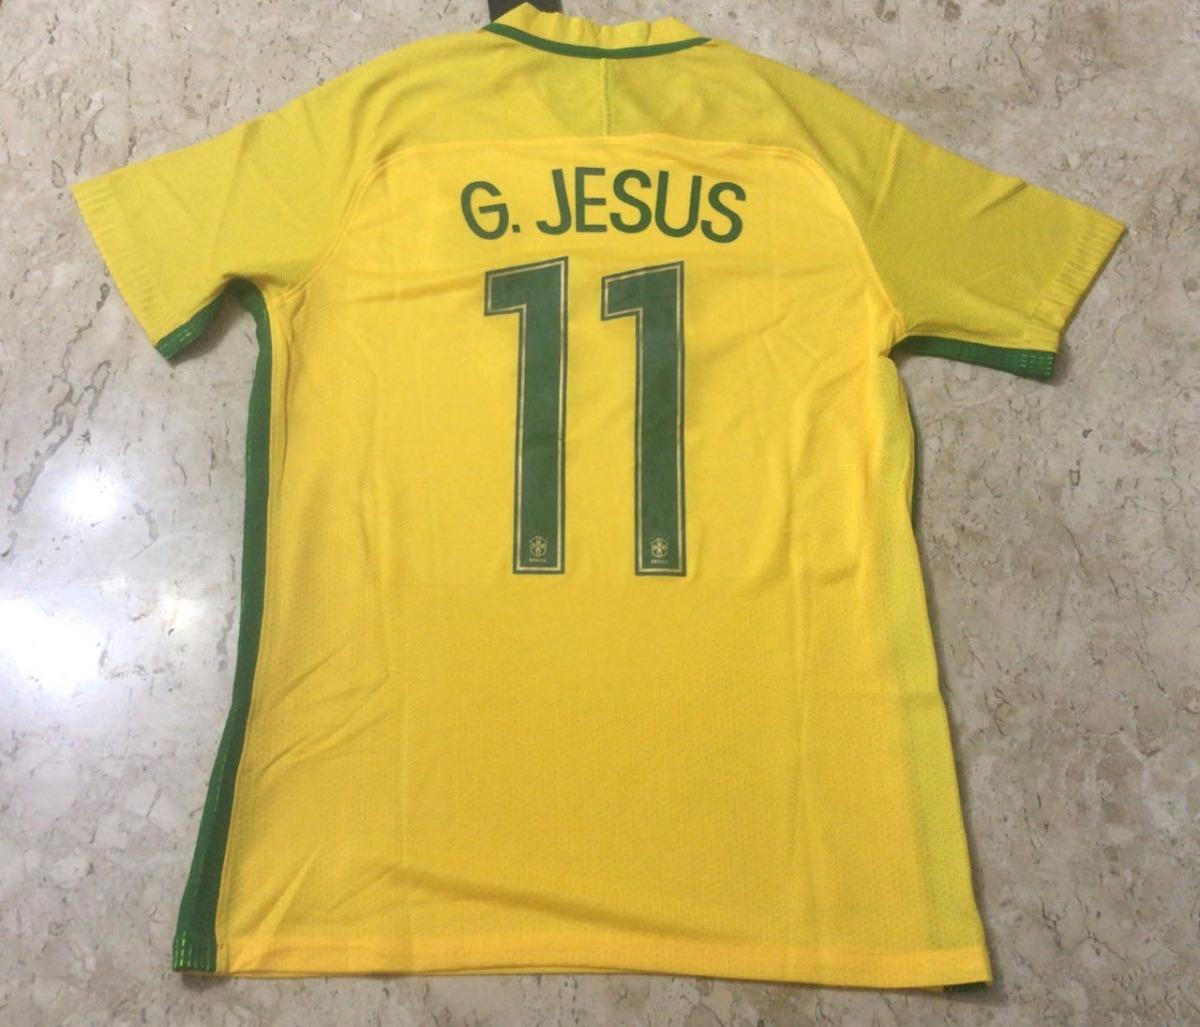 3808d8a85 camisa rara nike seleção brasileira futebol olimpíadas 2016. Carregando zoom...  camisa seleção futebol. Carregando zoom.